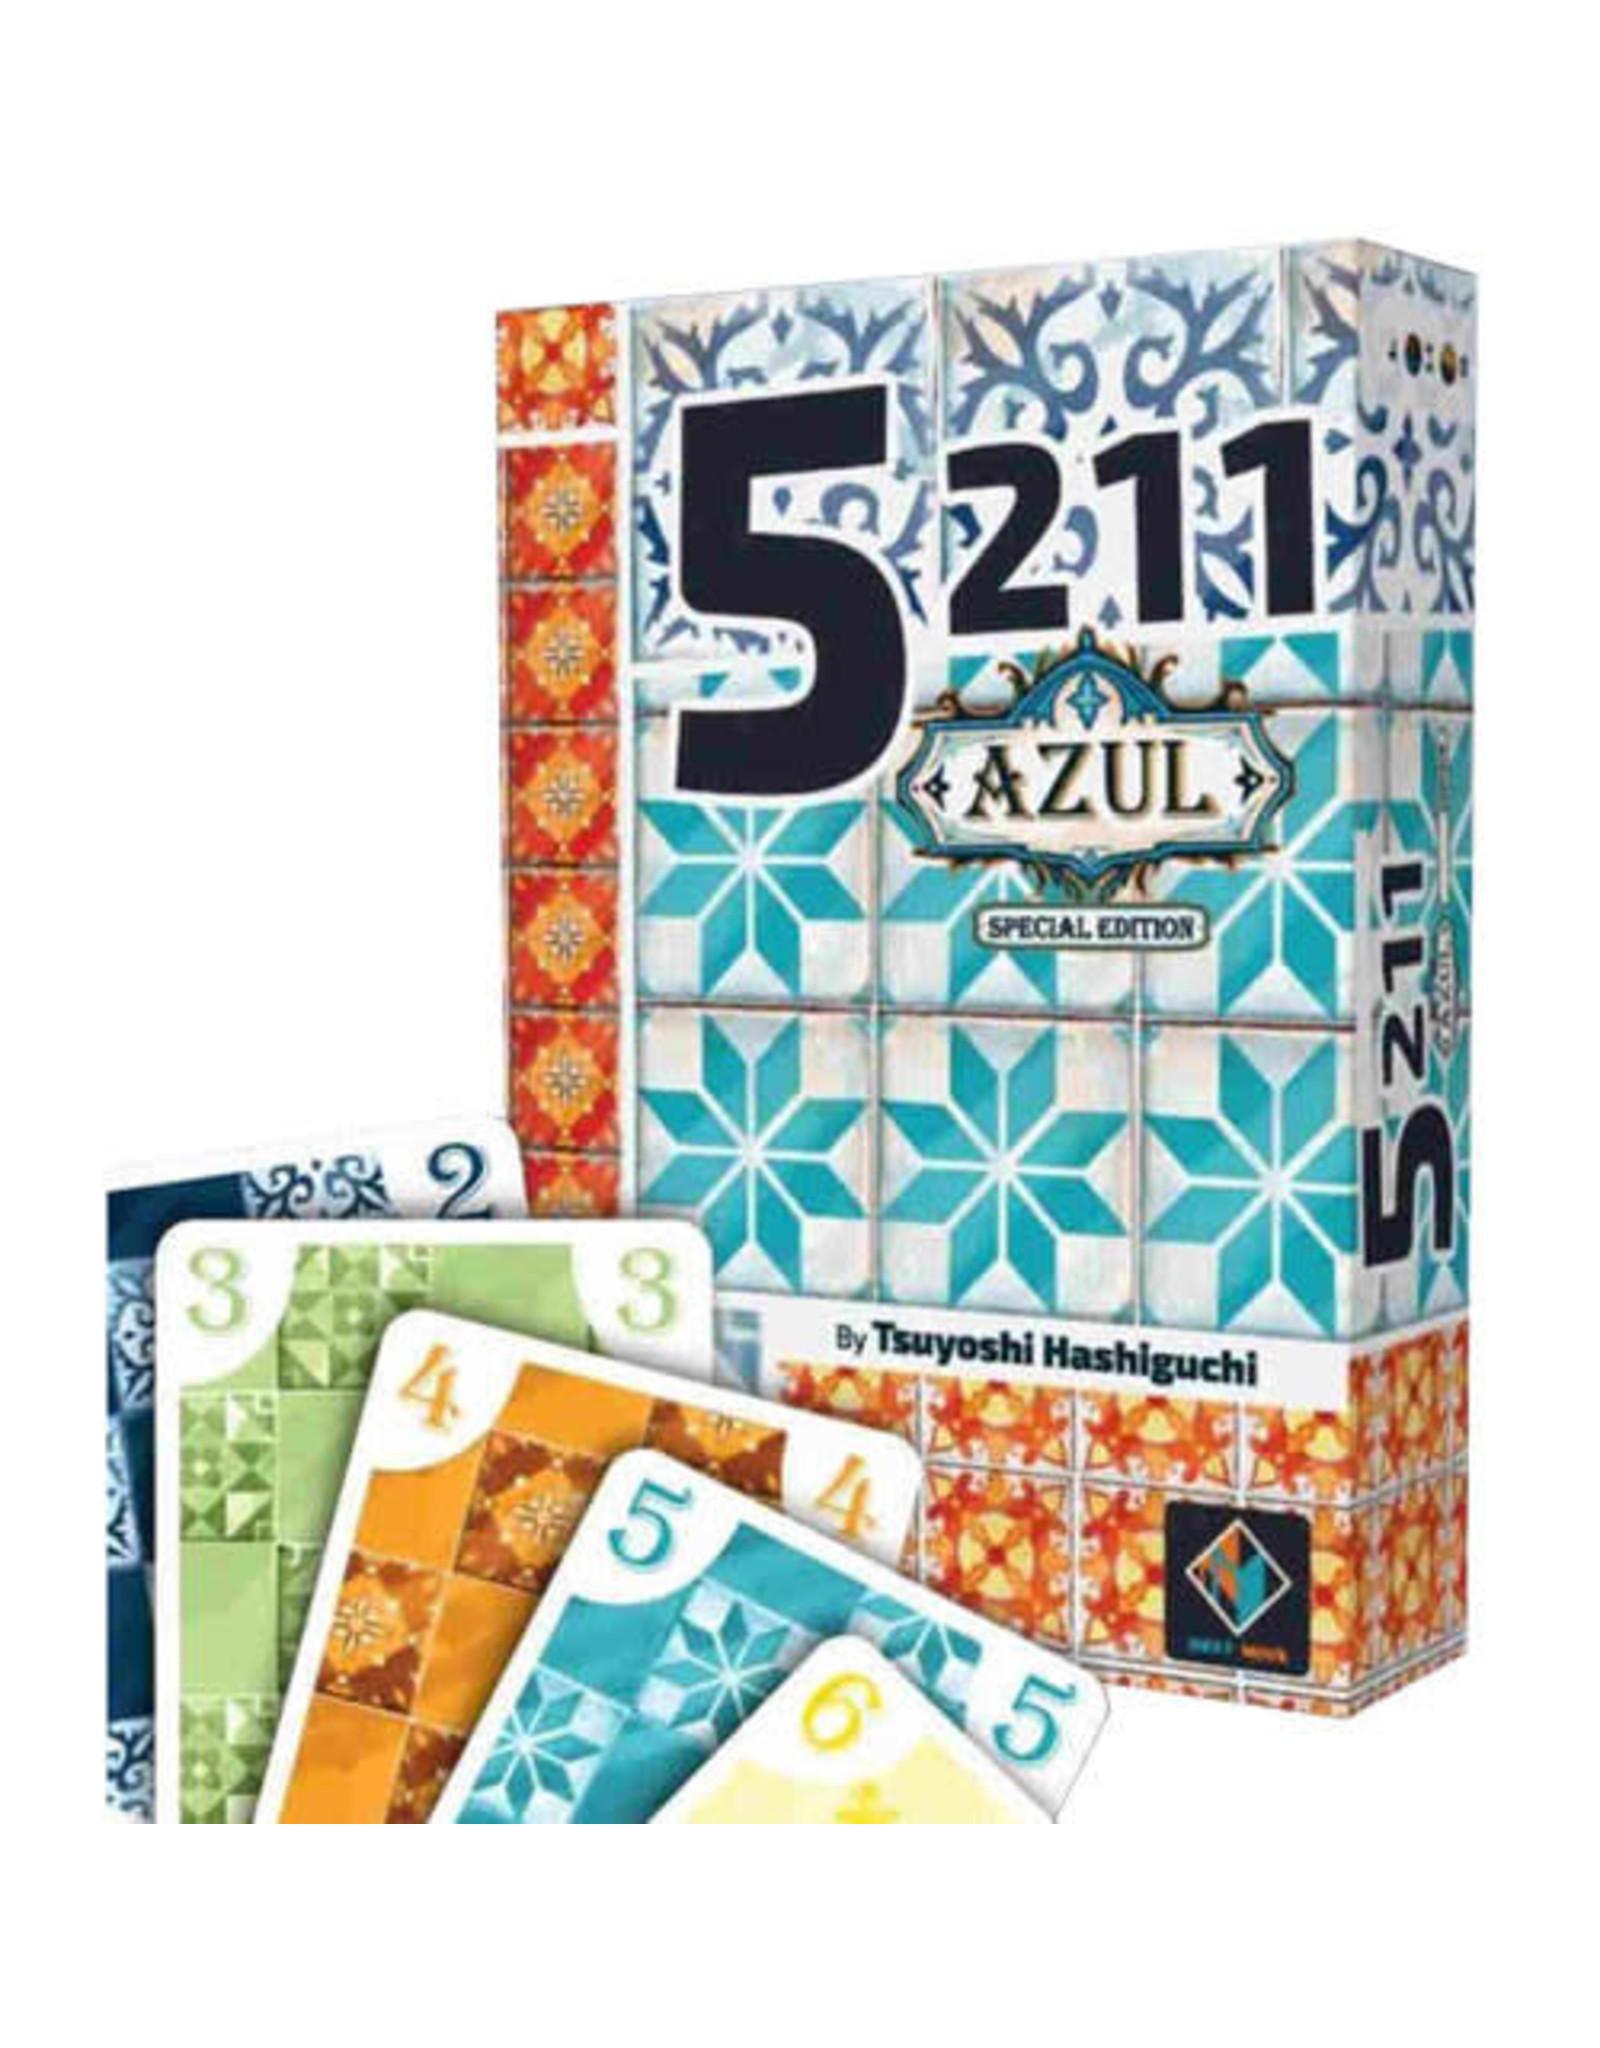 Next Move Games 5211 Azul Edition